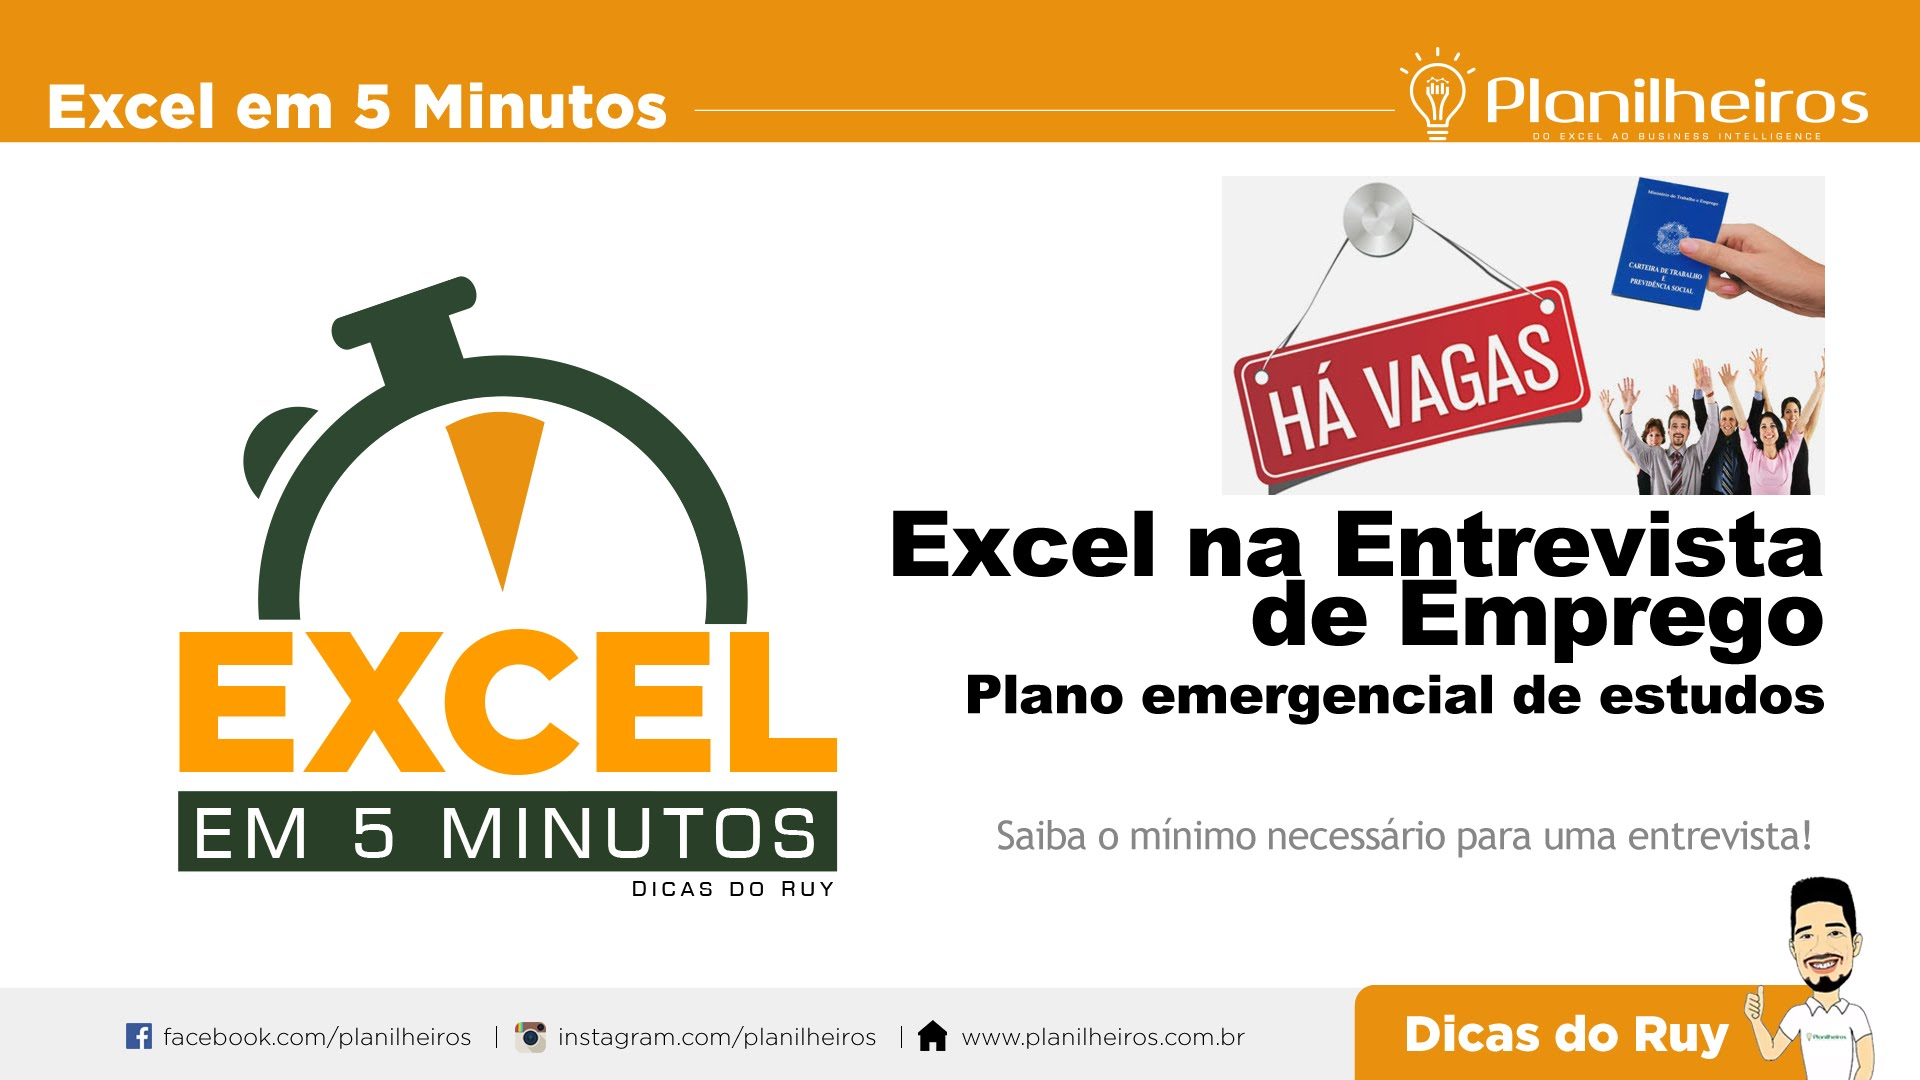 EXCEL em 5 Minutos - Entrevista de emprego (Plano de estudo emergencial de Excel)